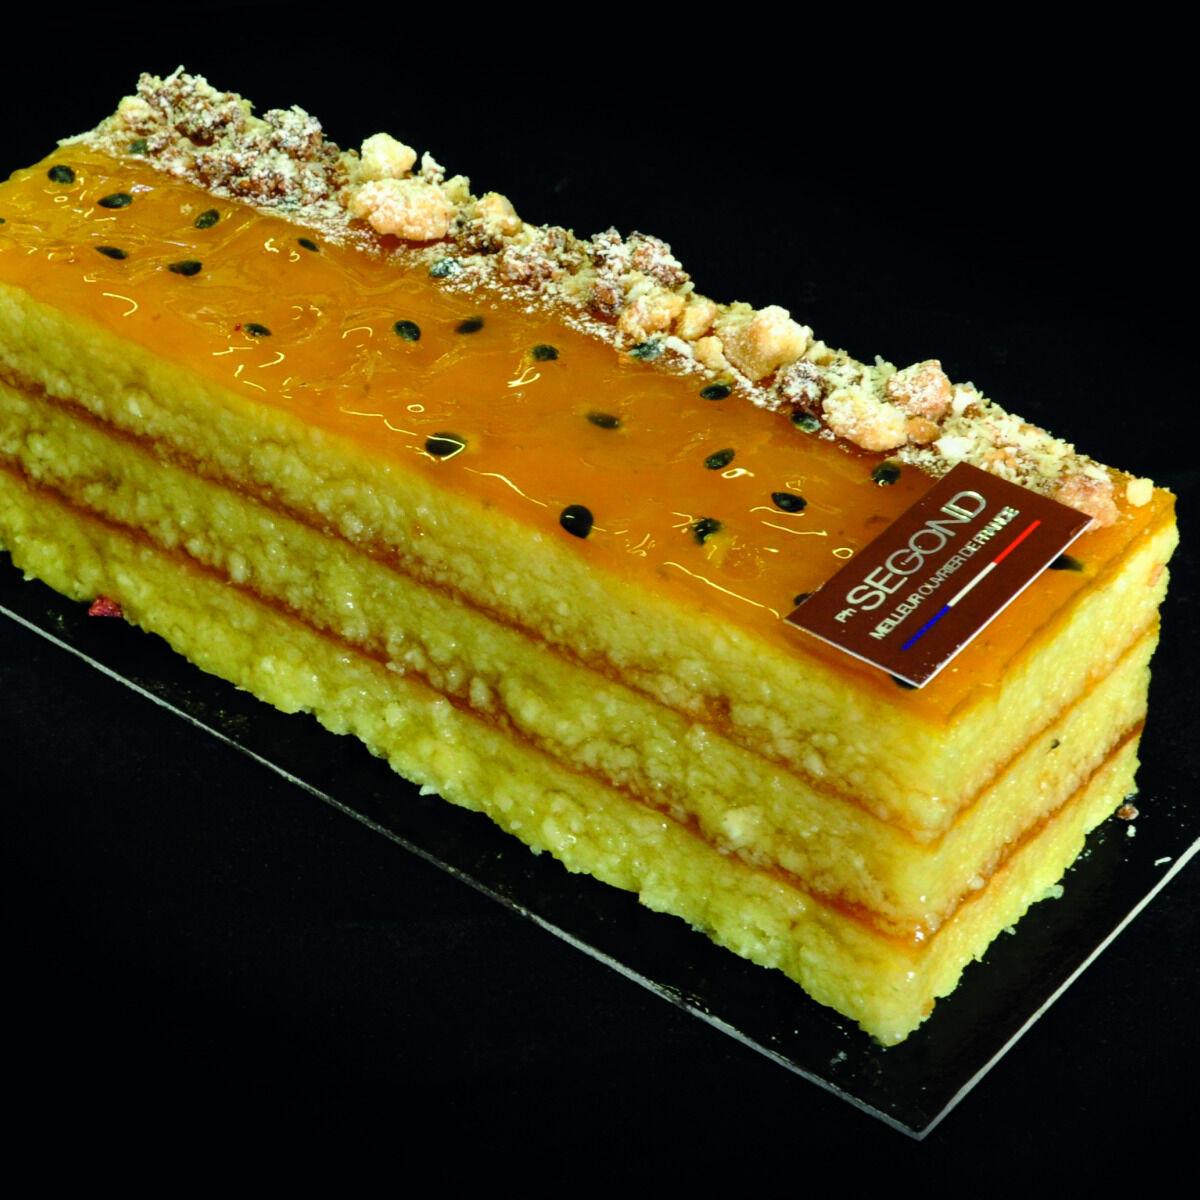 Philippe Segond MOF Pâtissier-Confiseur Gâteau Aux Fruits Exotiques Sans Gluten